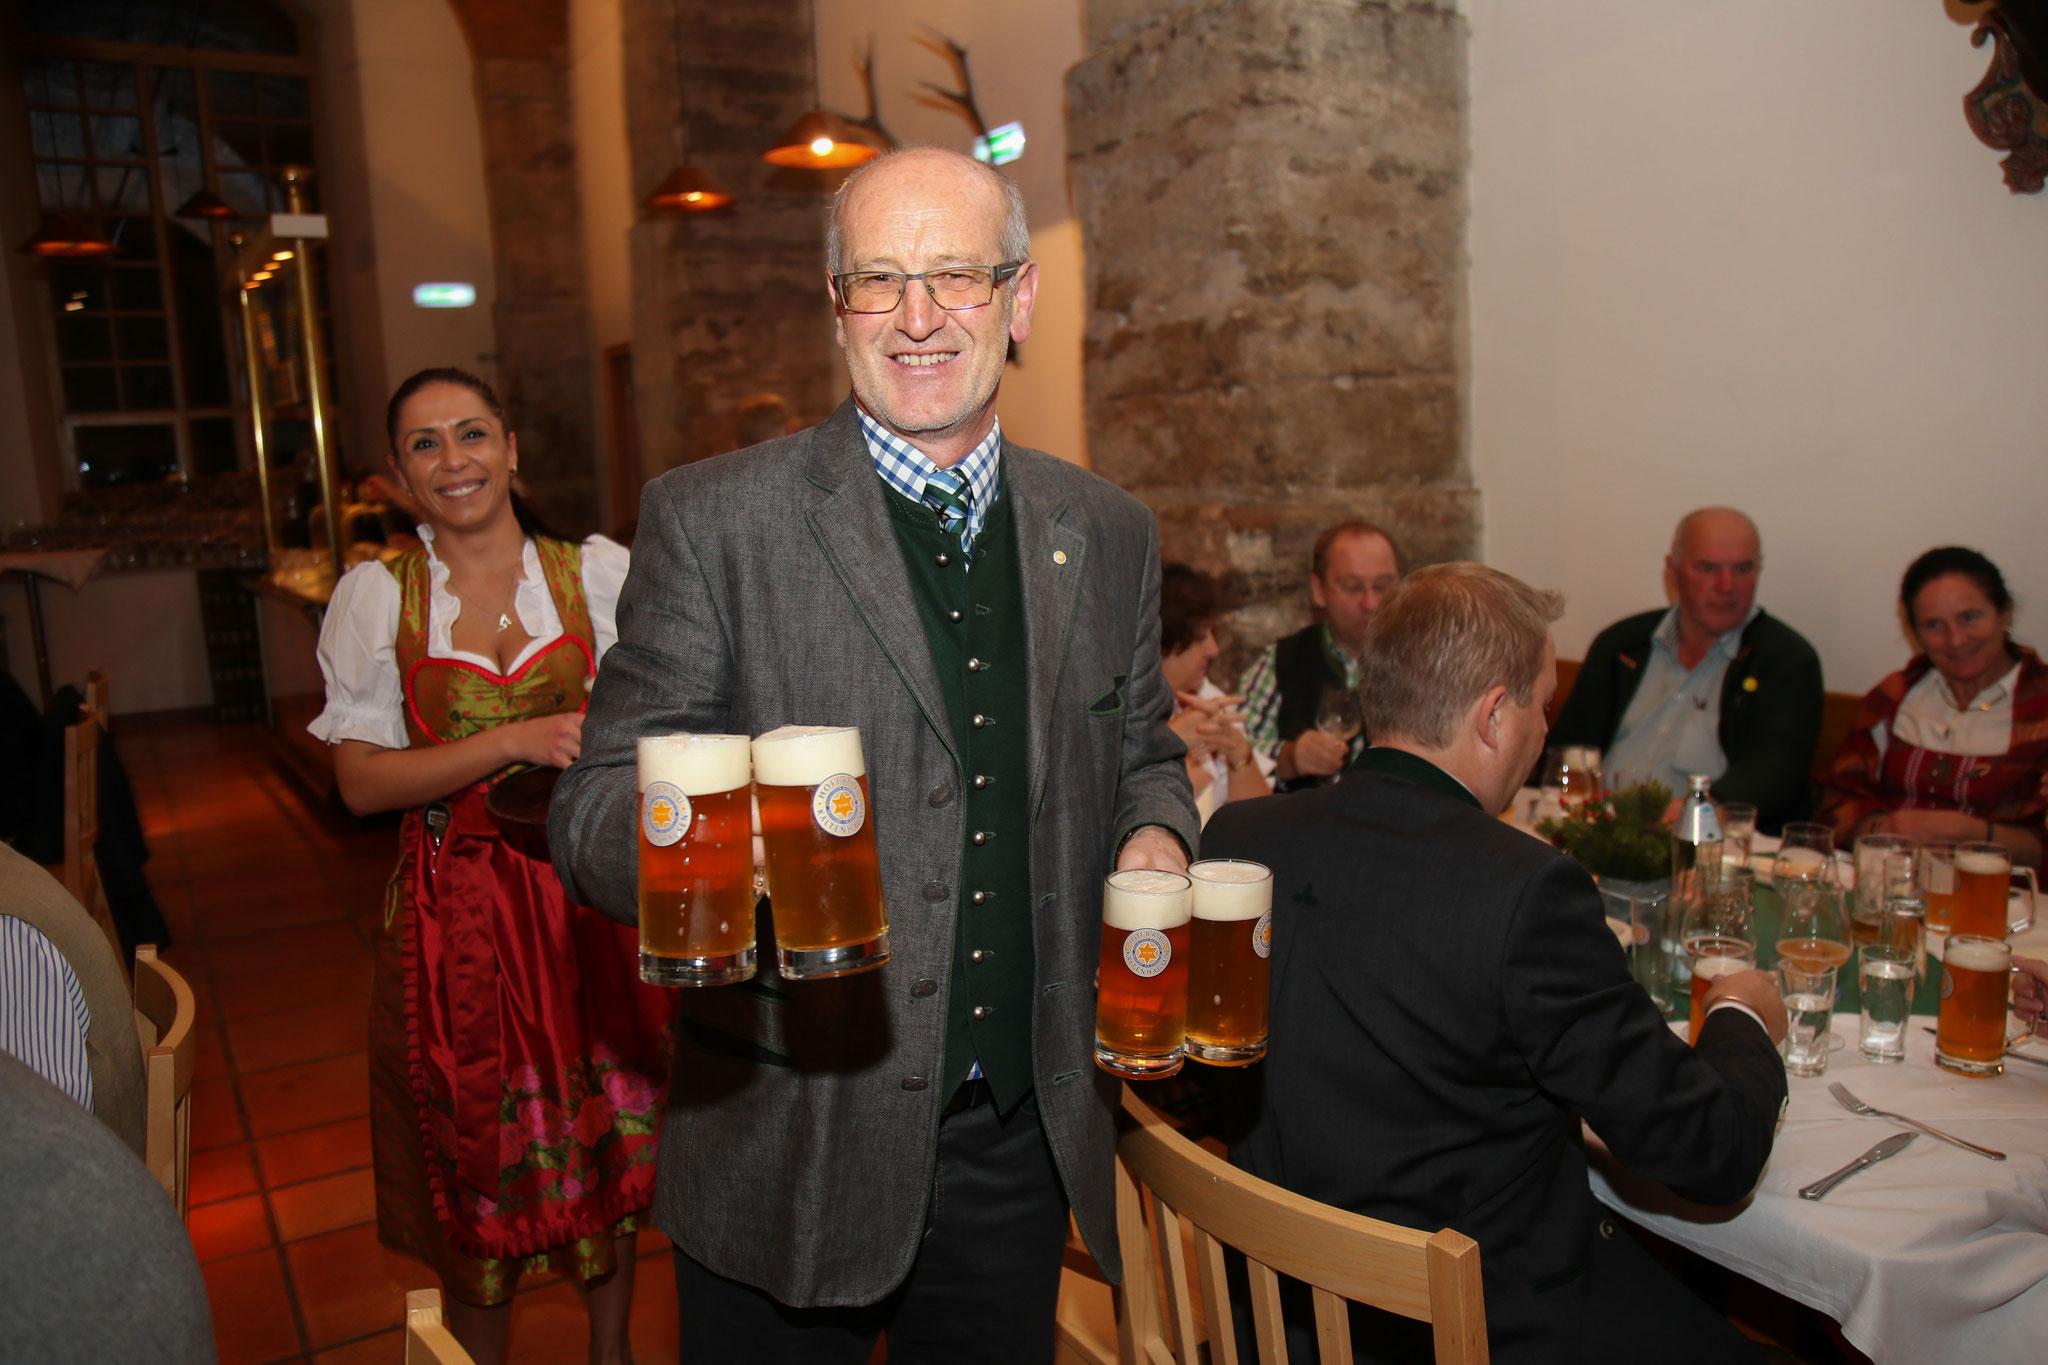 Marketing-Chef Karl Staudinger von der Brauerei Kaltenhausen.